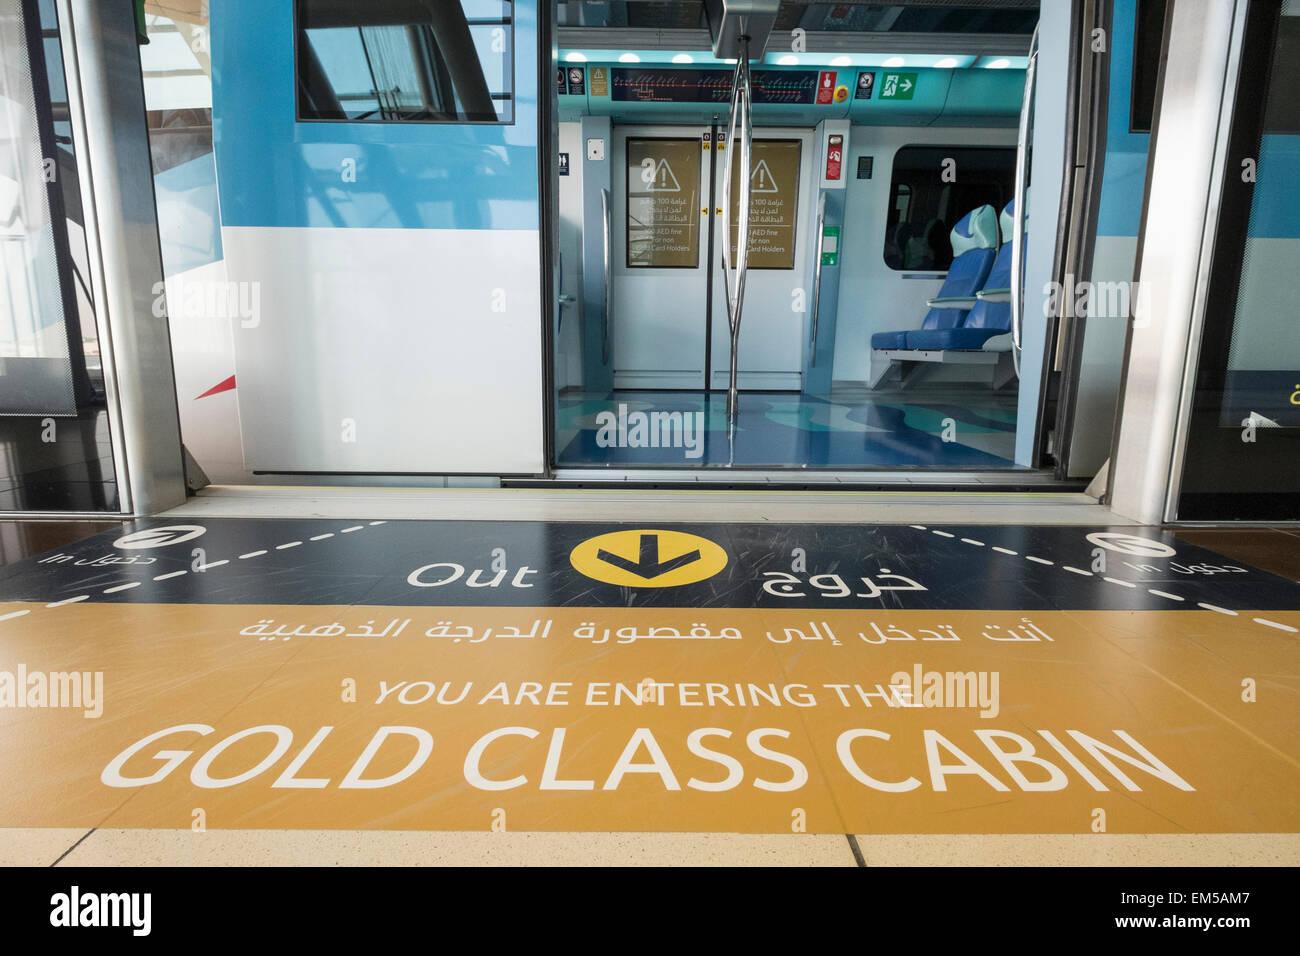 Classe d'oro del carrello sul treno della metropolitana in Dubai Emirati Arabi Uniti Immagini Stock